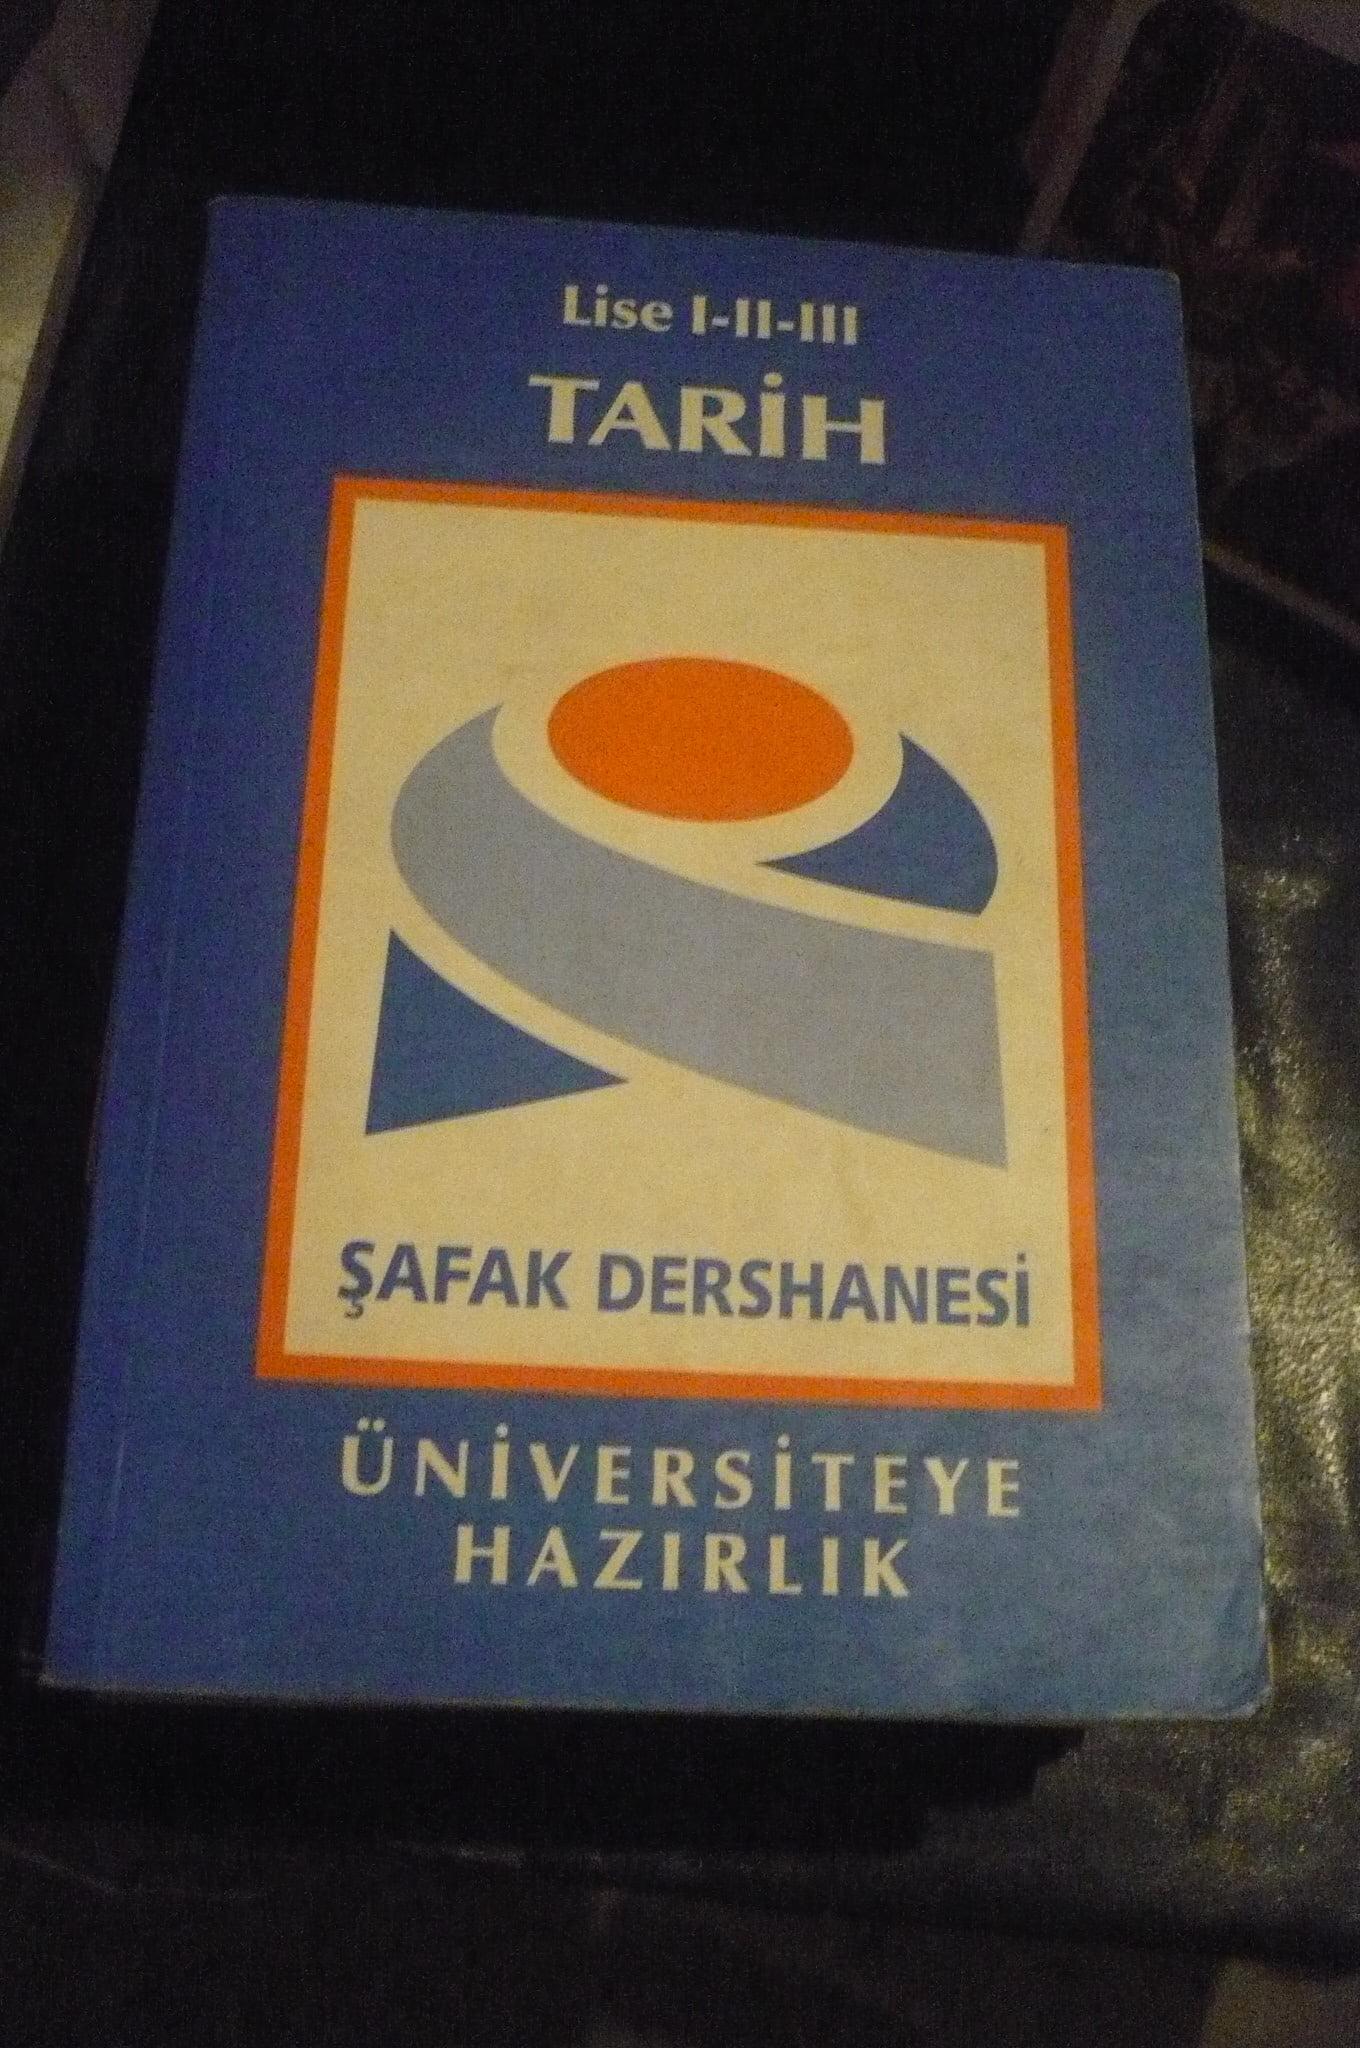 TARİH-Lise I-II-III /Üniversiteye hazırlık/ŞAFAK DERSHANESİ/10 TL